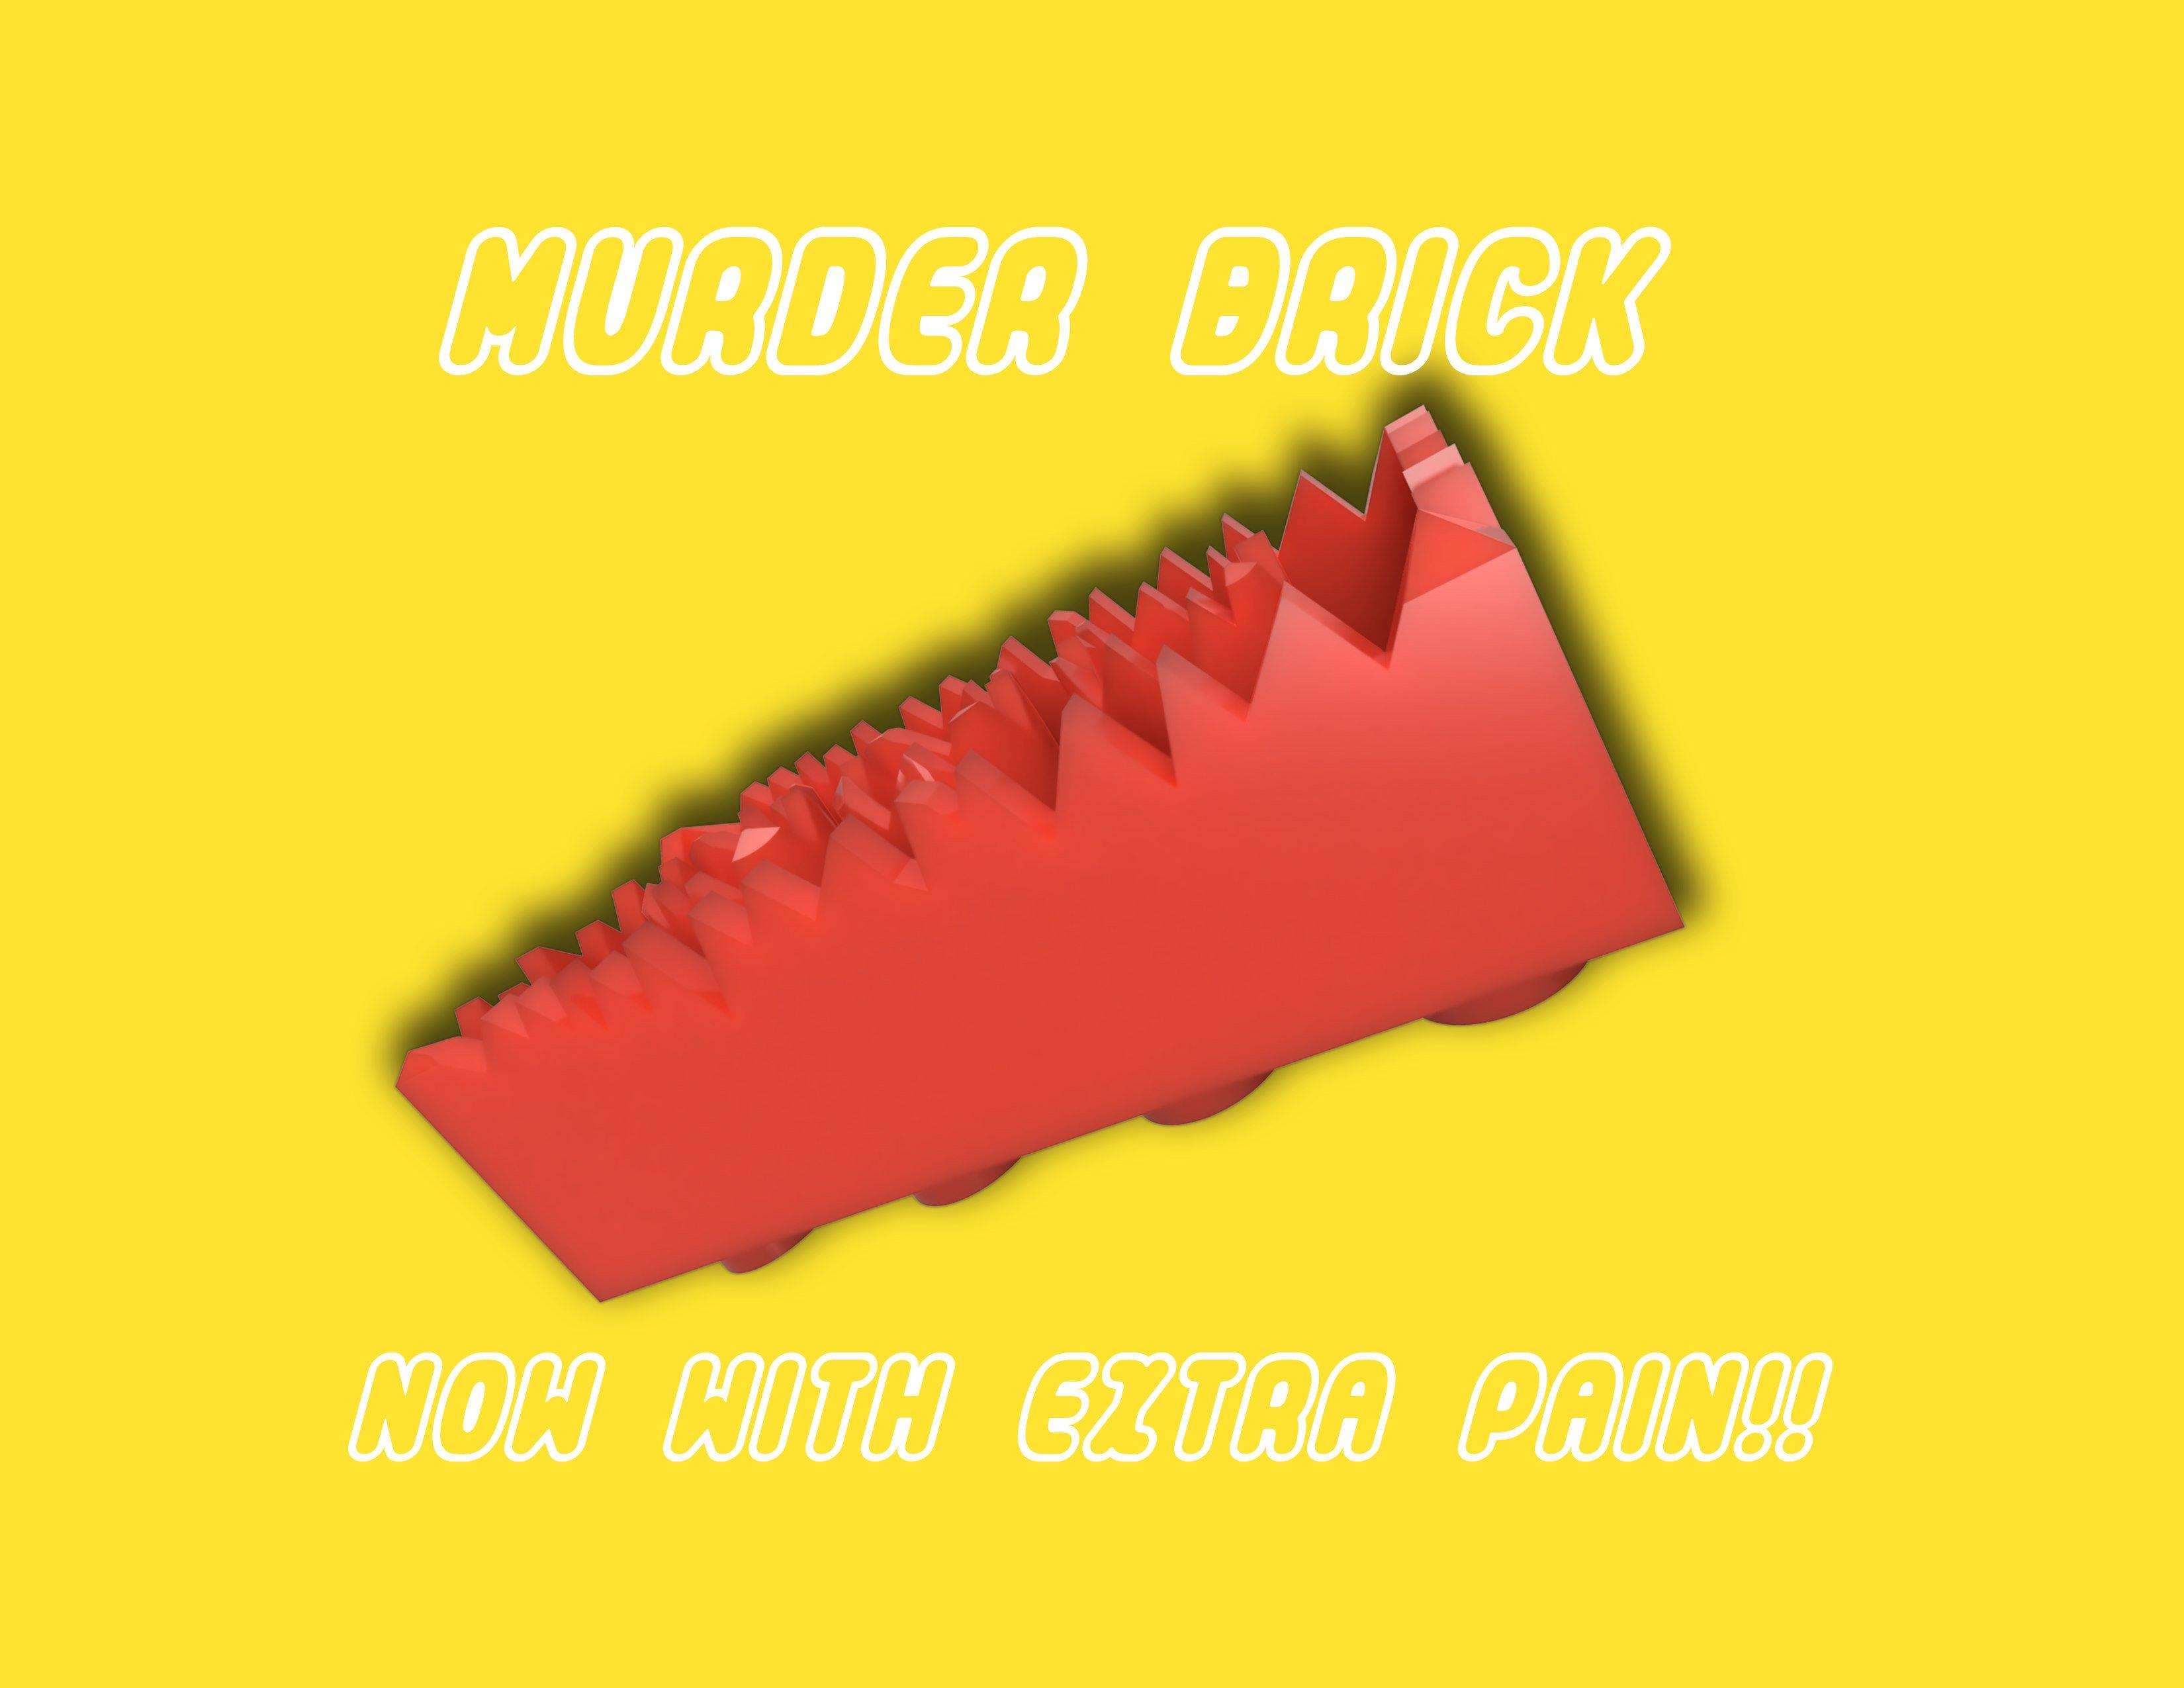 Murder Brick